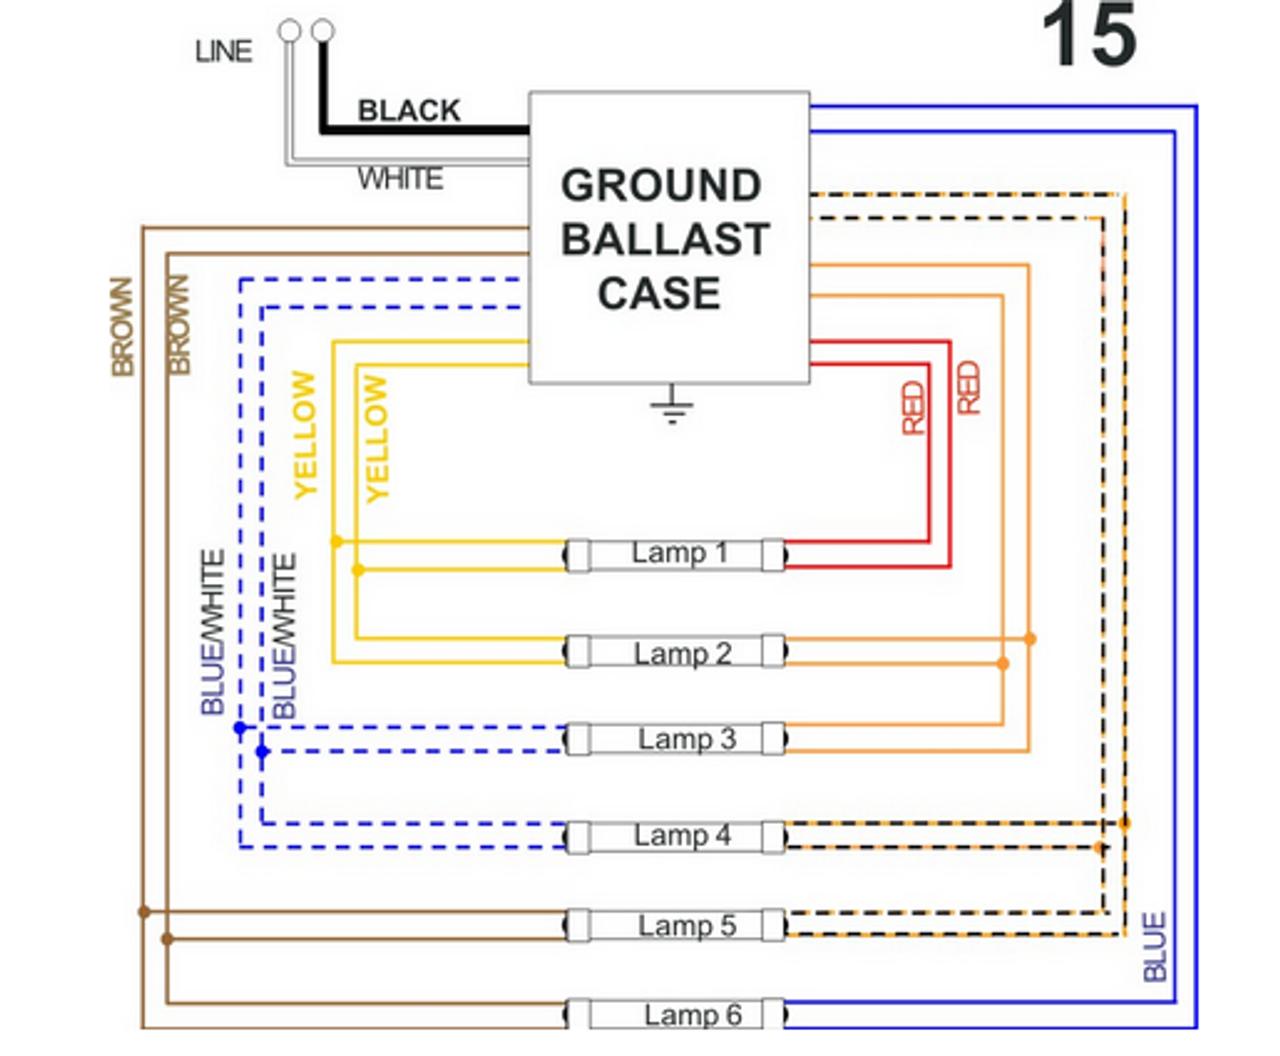 allanson 672-at magnetic sign ballast allanson ballast wiring diagram t12 ballast wiring diagram 1 lamp with 2 lamp fluorescent ballast wiring diagrams #3